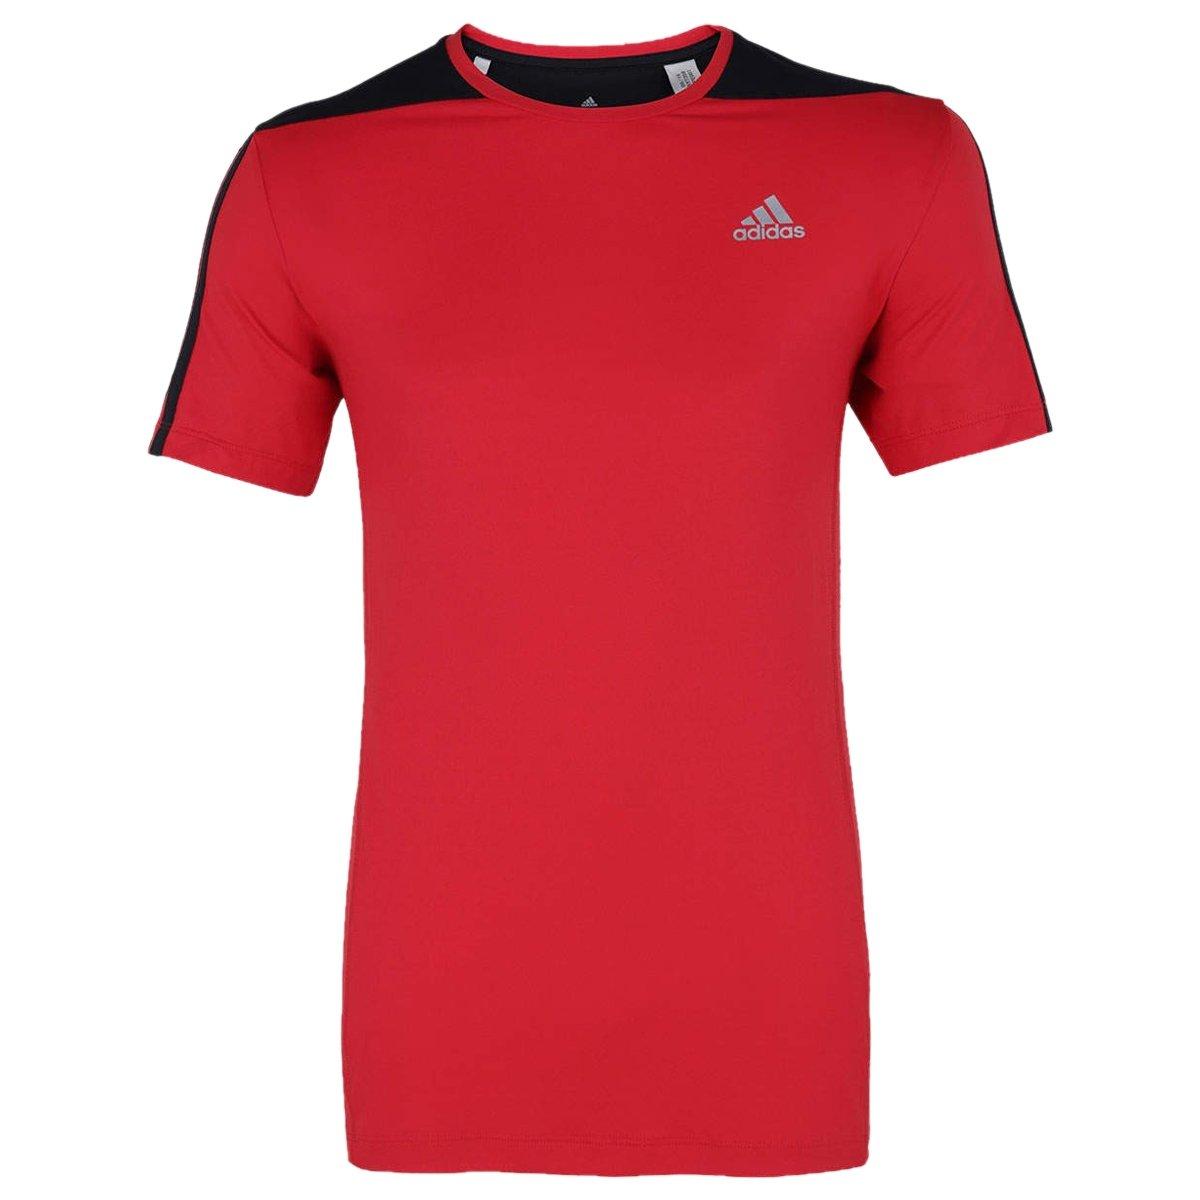 Bizz Store - Camiseta Masculina Adidas 3s Poliamida Vermelha 1a29484ee0e64